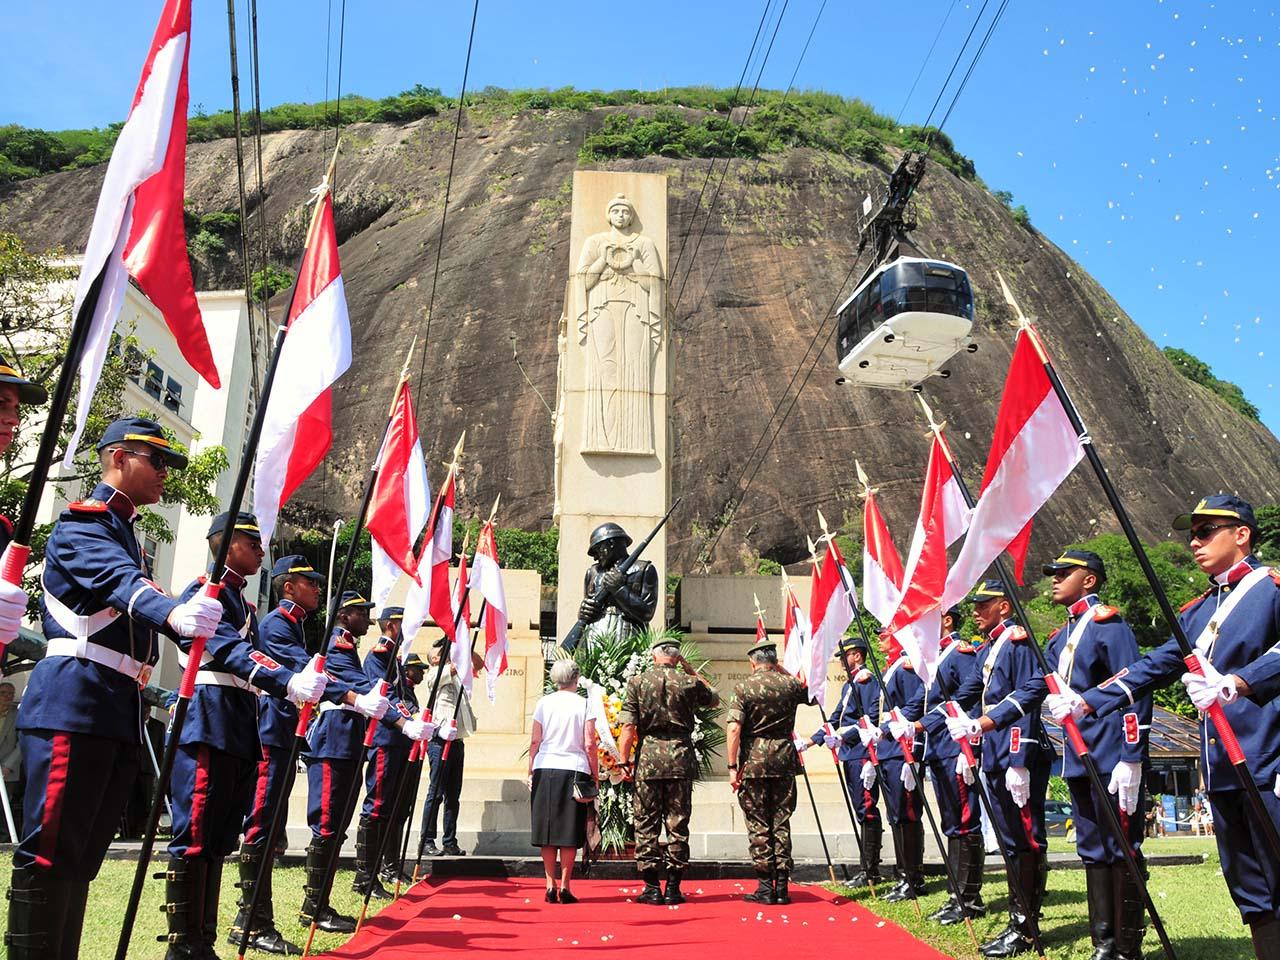 Intentona Comunista de 1935 é relembrada em cerimônia militar realizada no Rio de Janeiro